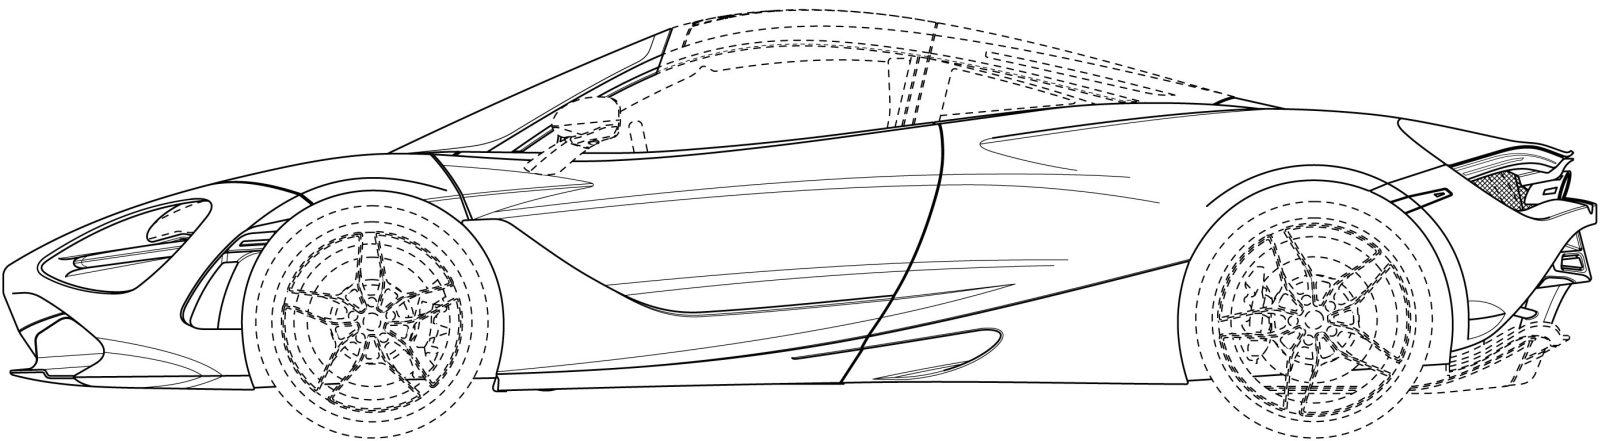 McLaren_720S_Spider_patent_images_0002